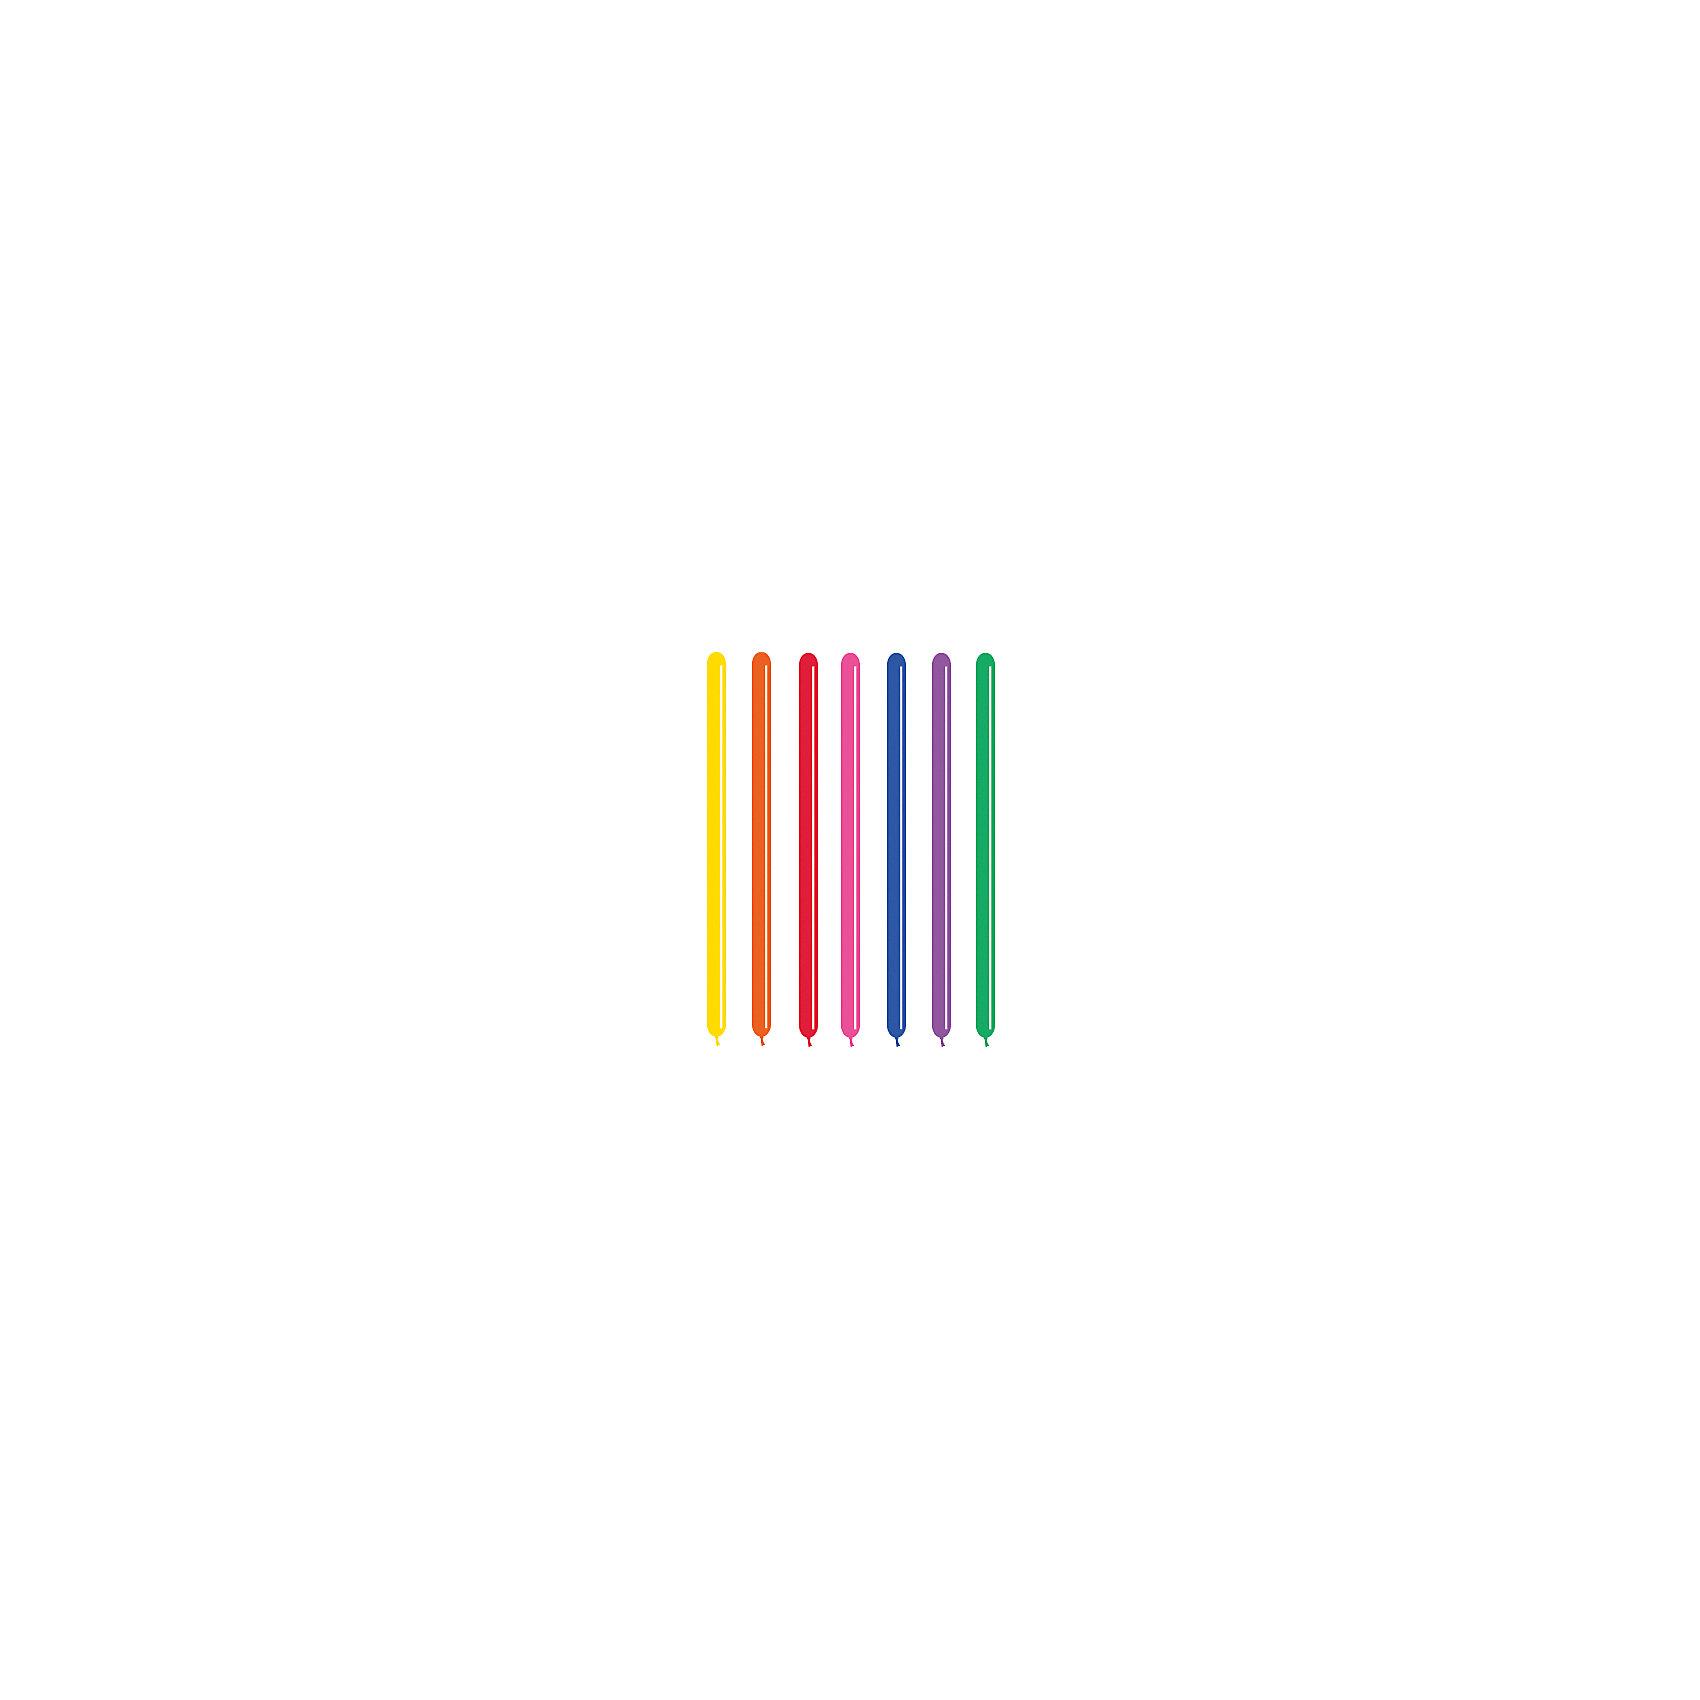 Шарики для моделирования, 260 см, 100 шт.Шарики для моделирования внесут яркие краски в любой праздник. Из них можно сделать самые разные фигурки, которые украсят интерьер и станут забавной игрушкой для малышей. Даже взрослые не удержатся от веселой улыбки при виде разноцветных воздушных зверушек и цветов.&#13;<br>В наборе «Olala» 100 латексных шаров для моделирования длиной 260 см. Цвет в ассортименте. Товар сертифицирован.<br><br>Ширина мм: 270<br>Глубина мм: 180<br>Высота мм: 50<br>Вес г: 210<br>Возраст от месяцев: 36<br>Возраст до месяцев: 120<br>Пол: Унисекс<br>Возраст: Детский<br>SKU: 5016492